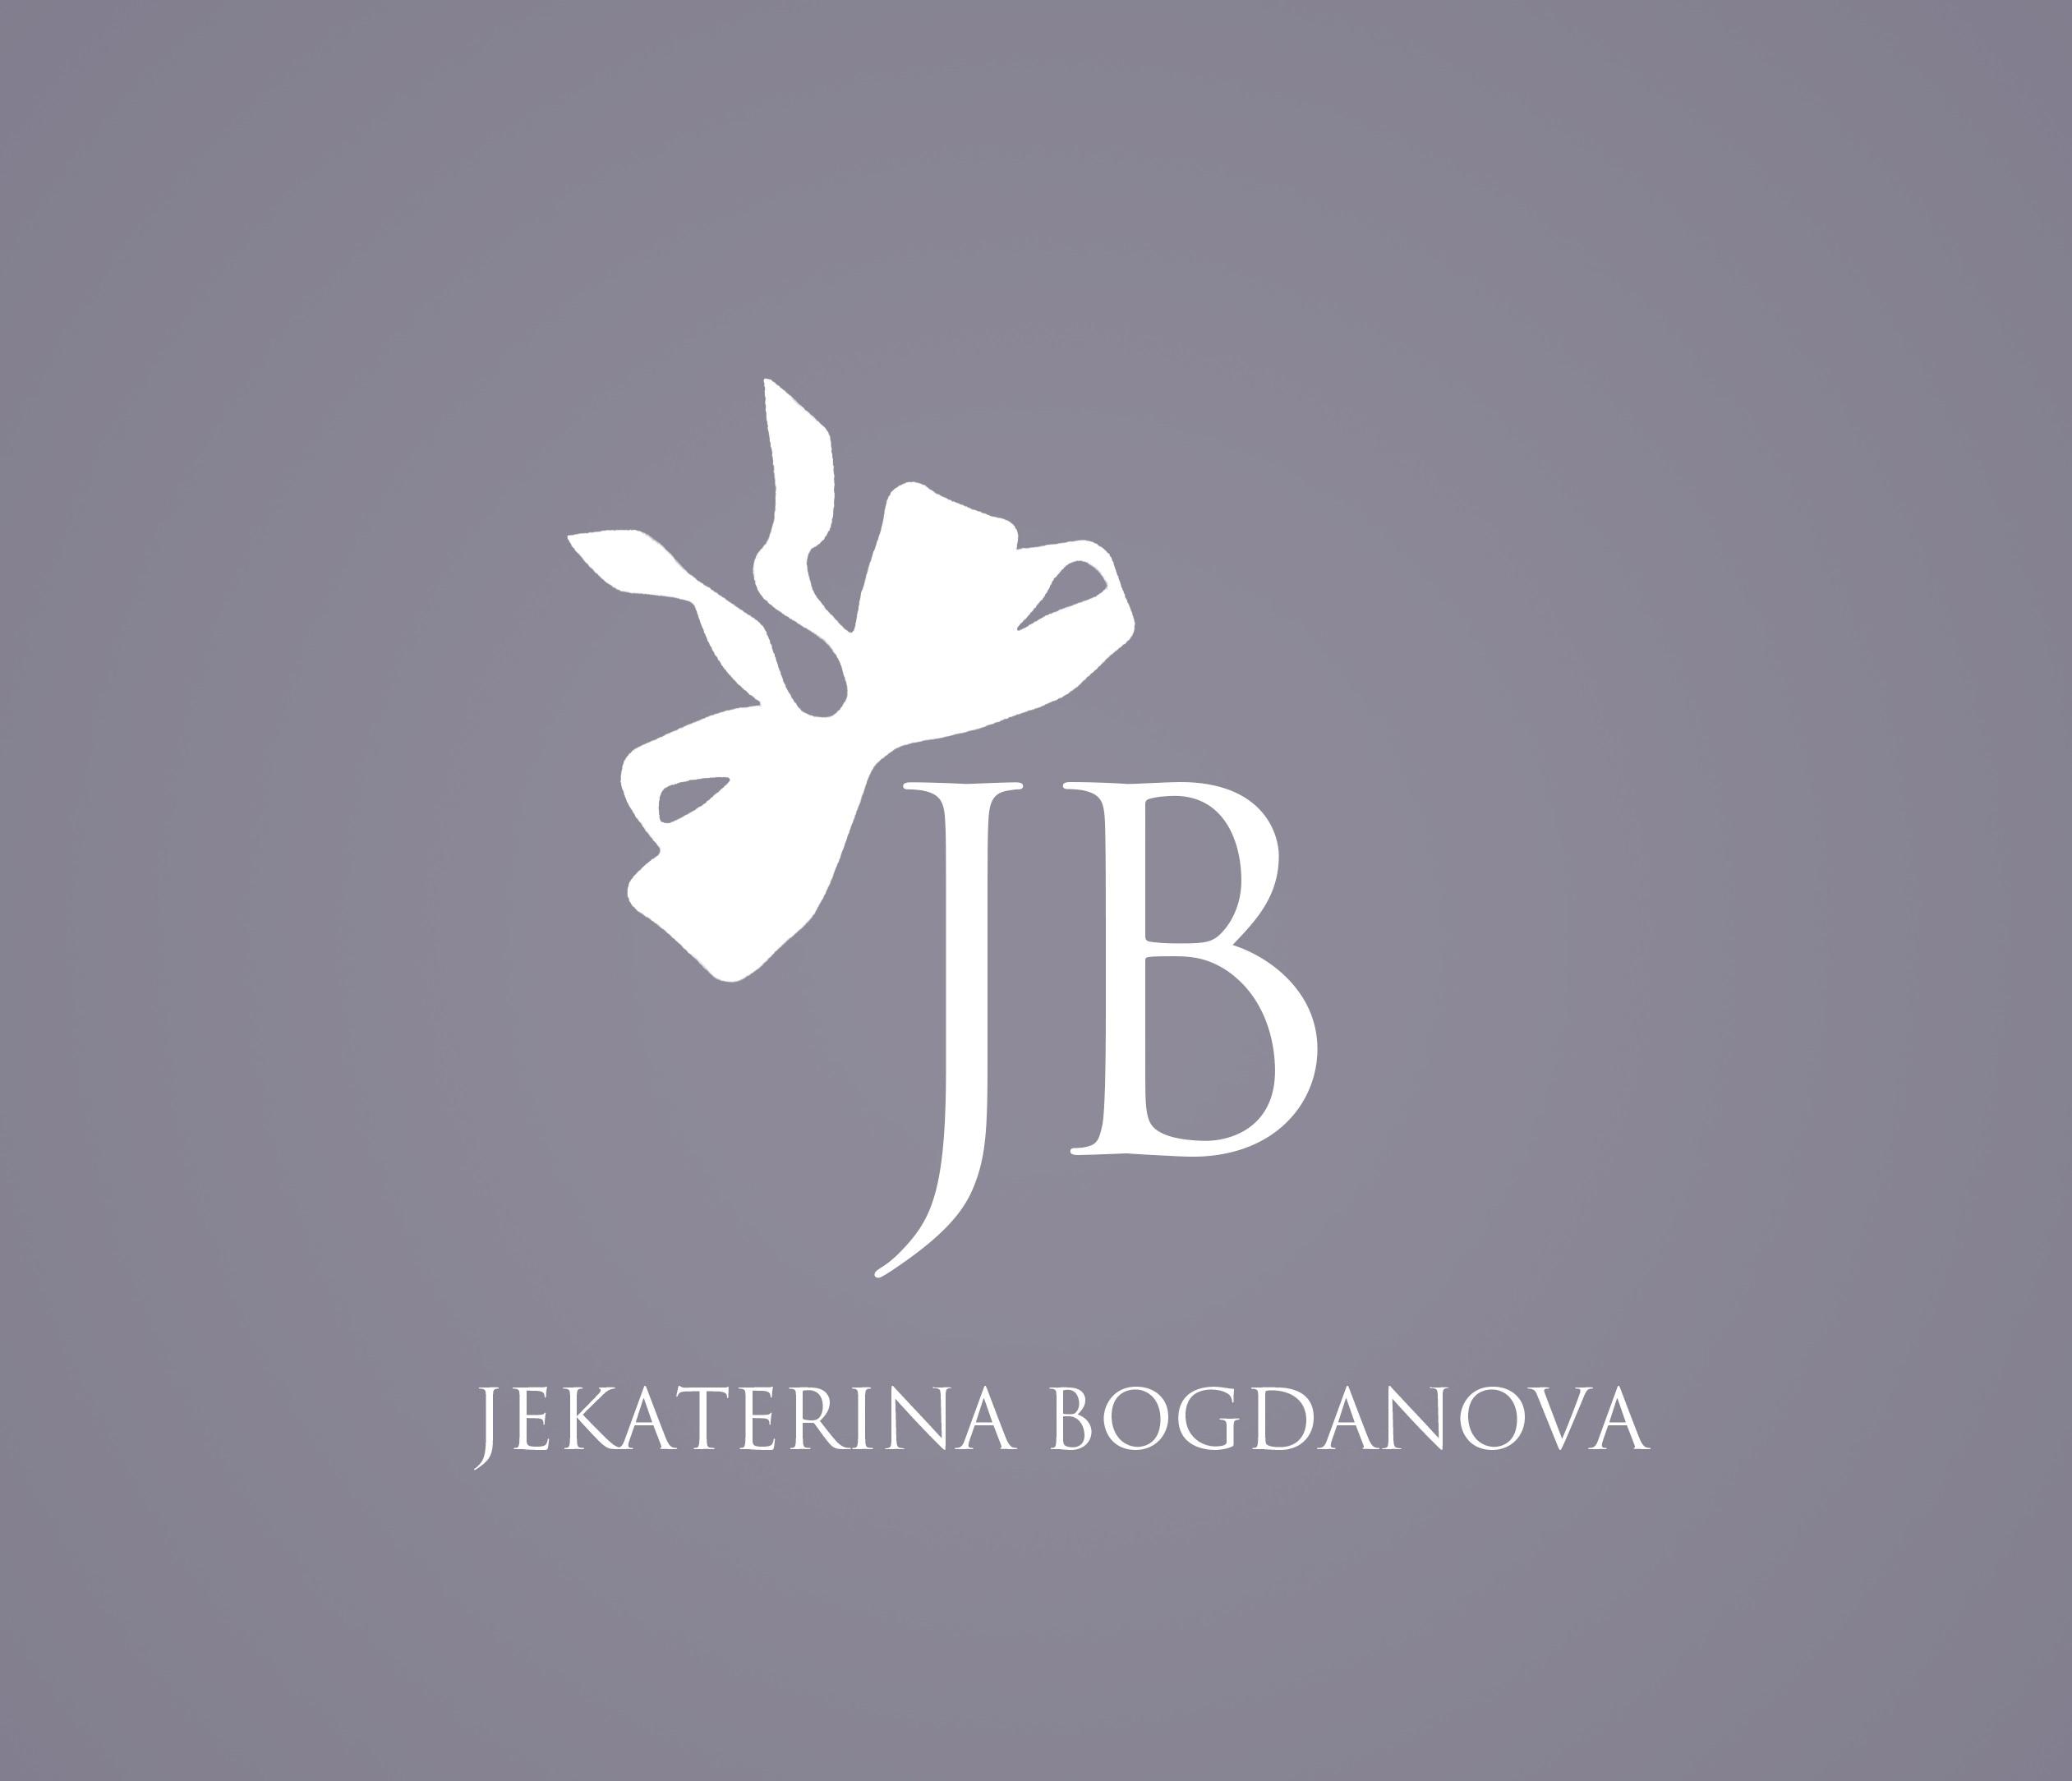 Jekaterina Bogdanova Signature